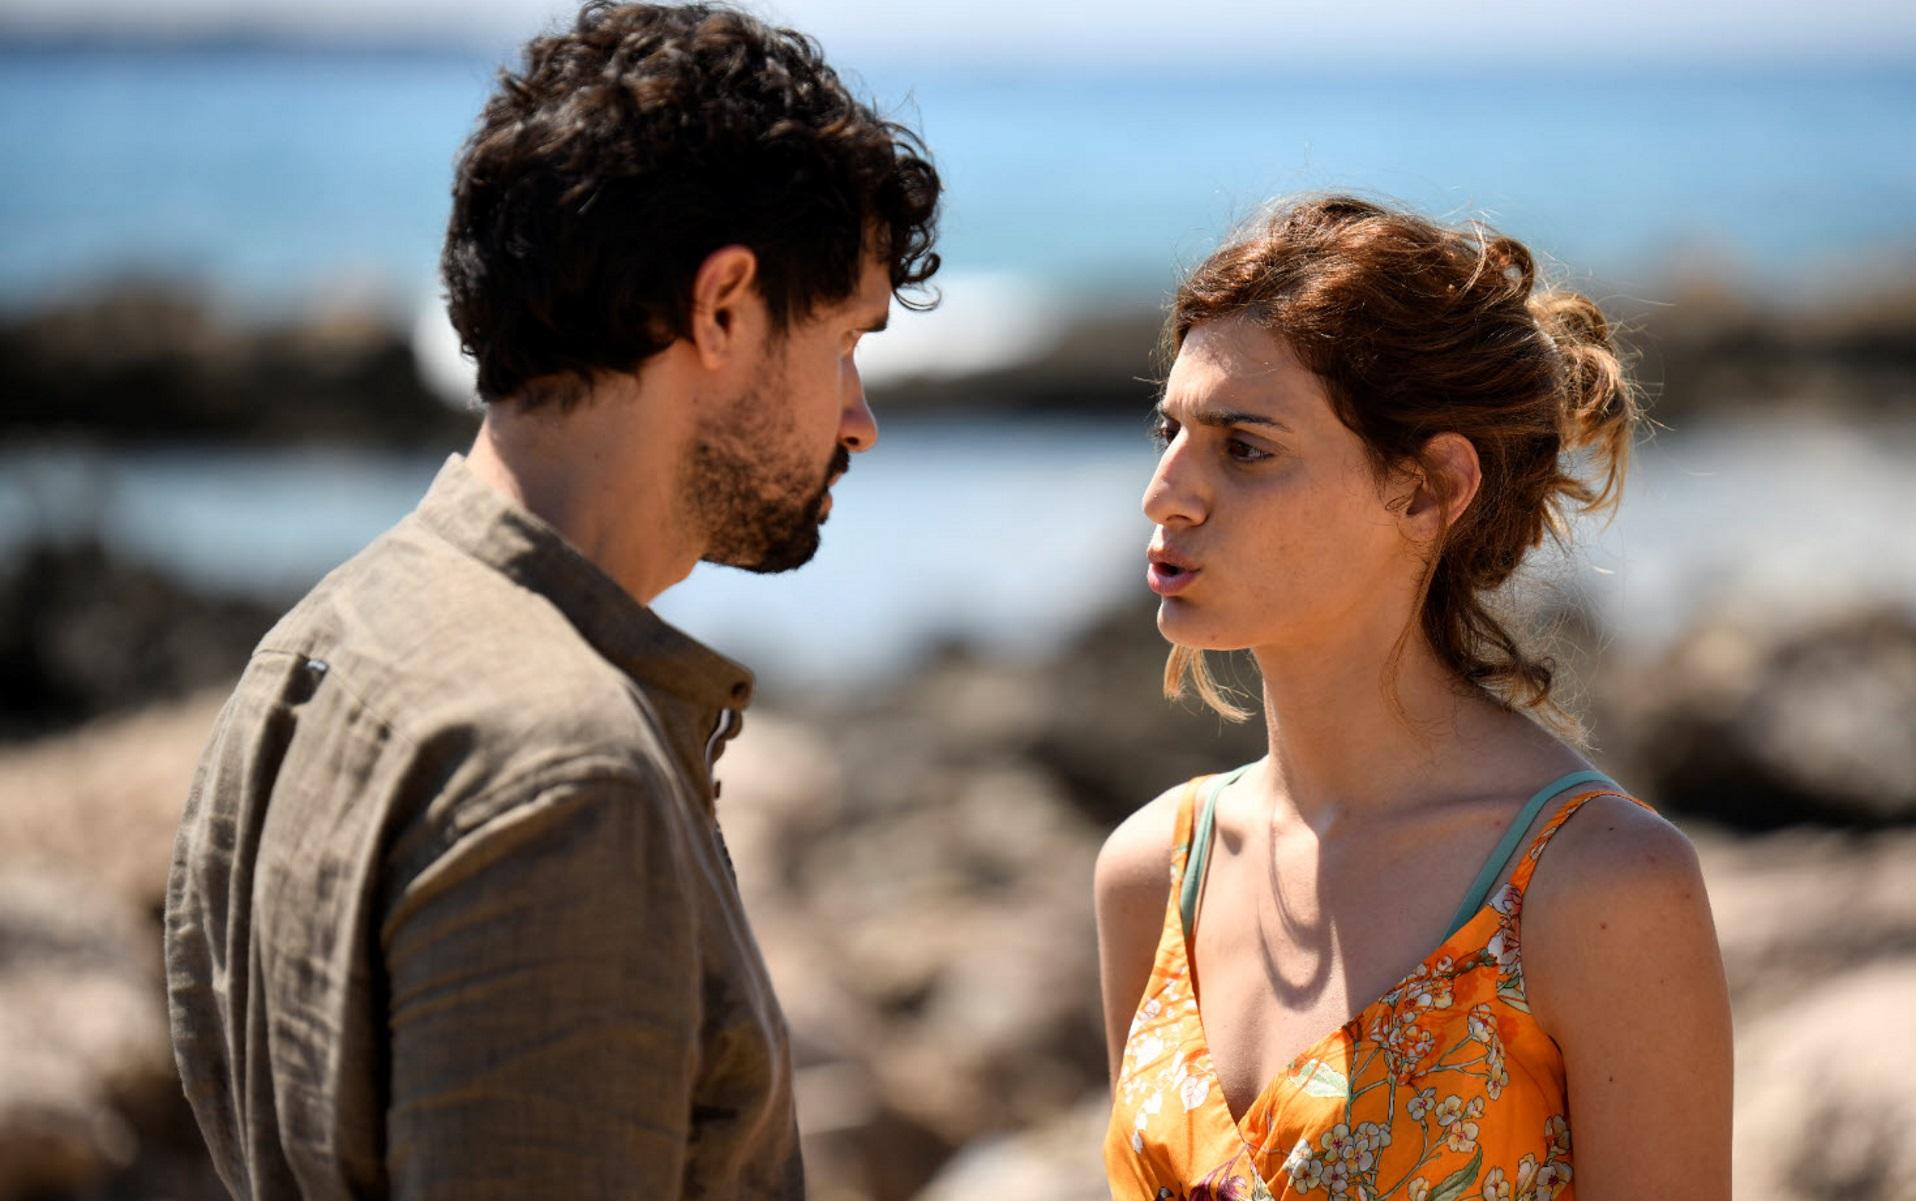 Σασμός: Τα γυρίσματα στην Κρήτη για την καινούργια σειρά